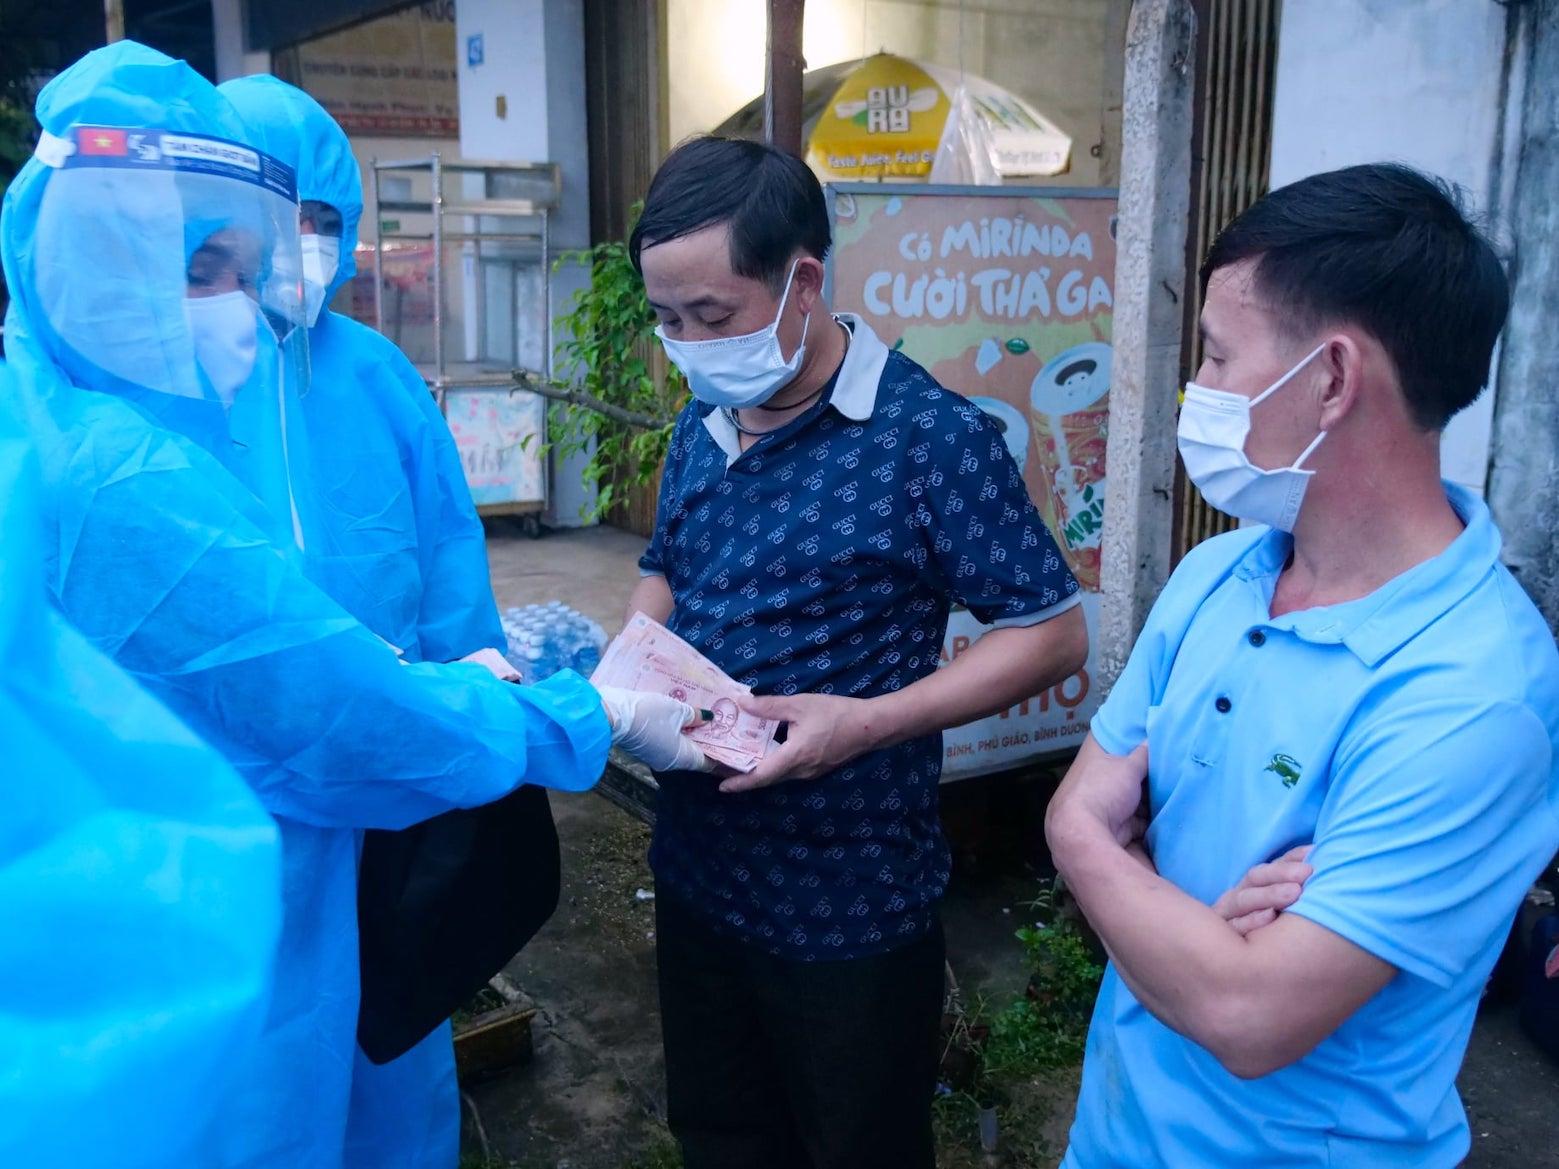 Anh Khứa A Khua - dân tộc H'Mông (quê ở Yên Bái) rất cảm động khi được bà Nguyễn Thị Bông - Chủ nhiệm CLB Sen Hồng trao 2 triệu đồng để giúp anh về quê